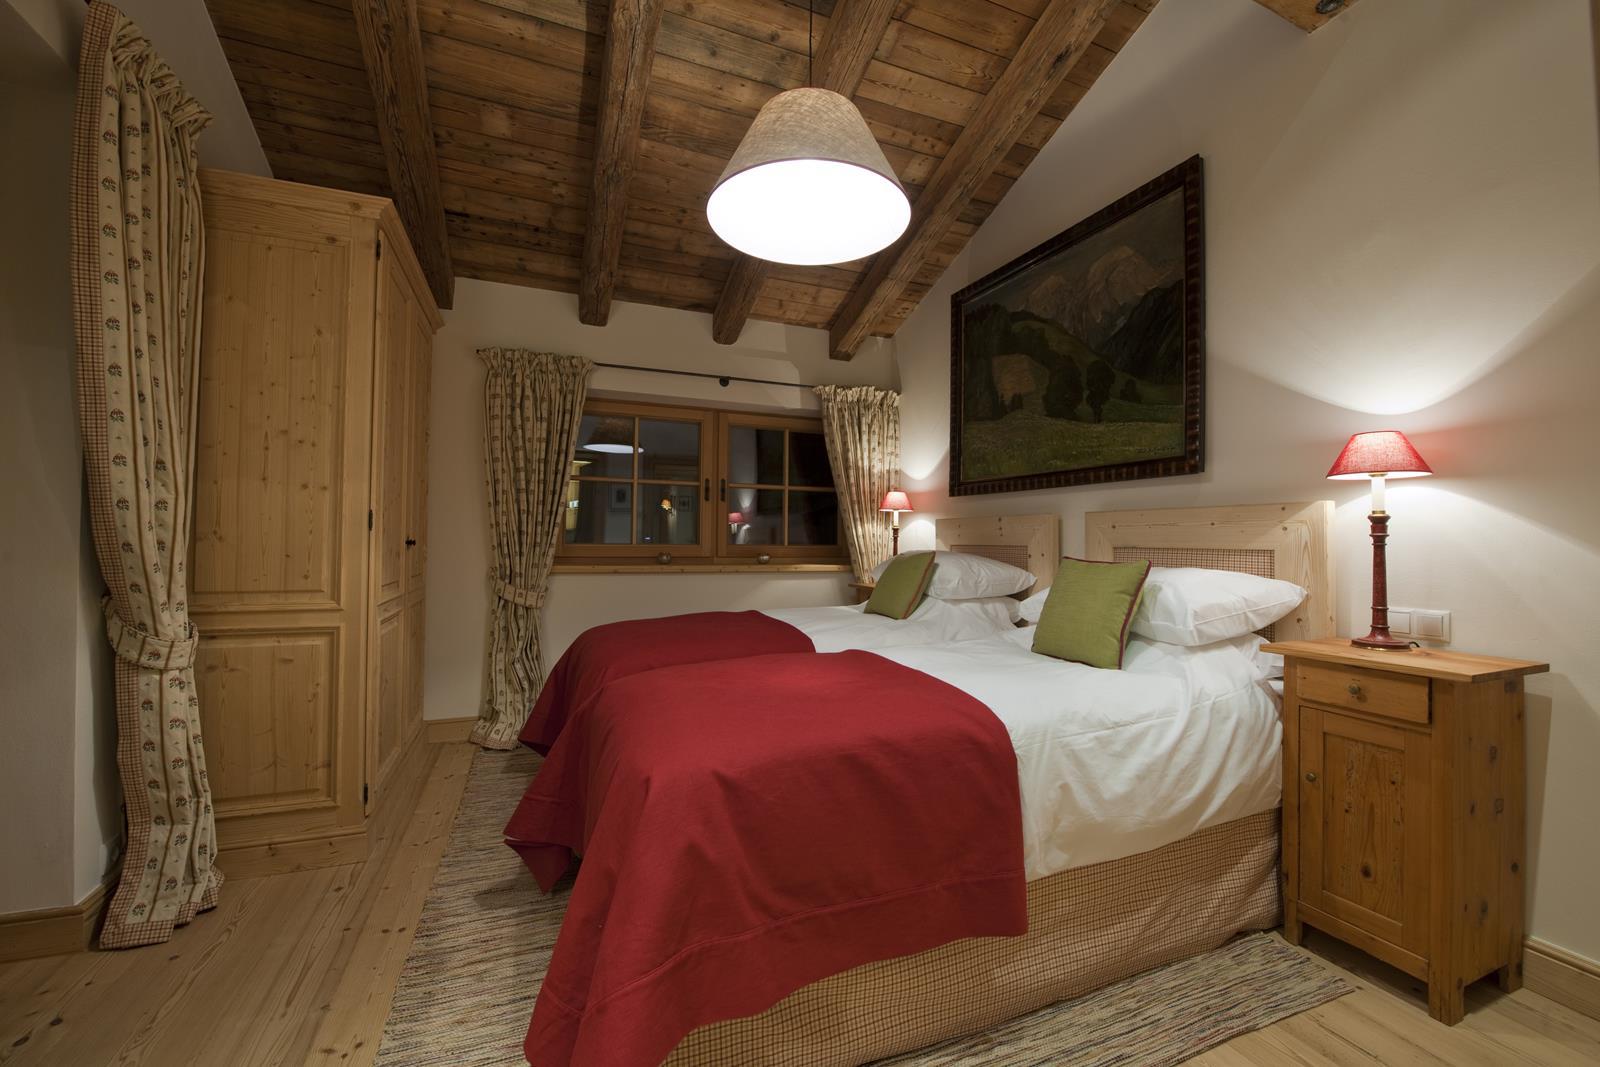 chalet-antoinette-bedroom2-2